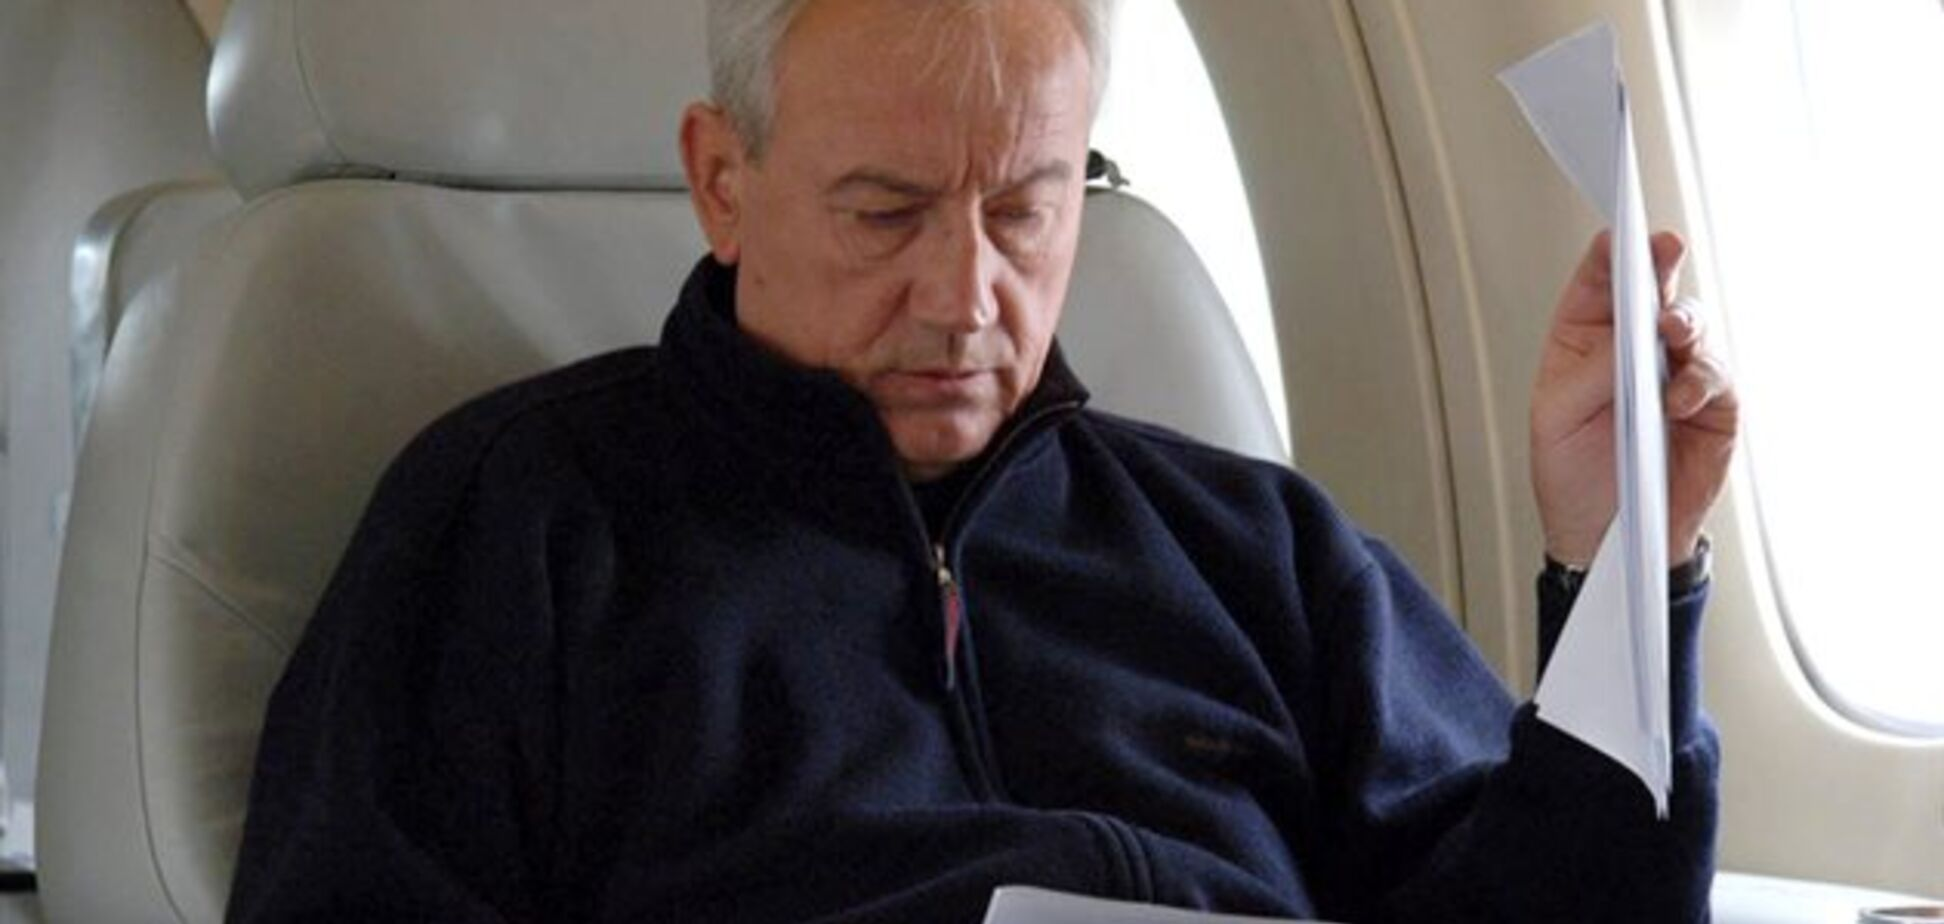 'Ніяких питань': втікачу Димінському пригрозили Інтерполом